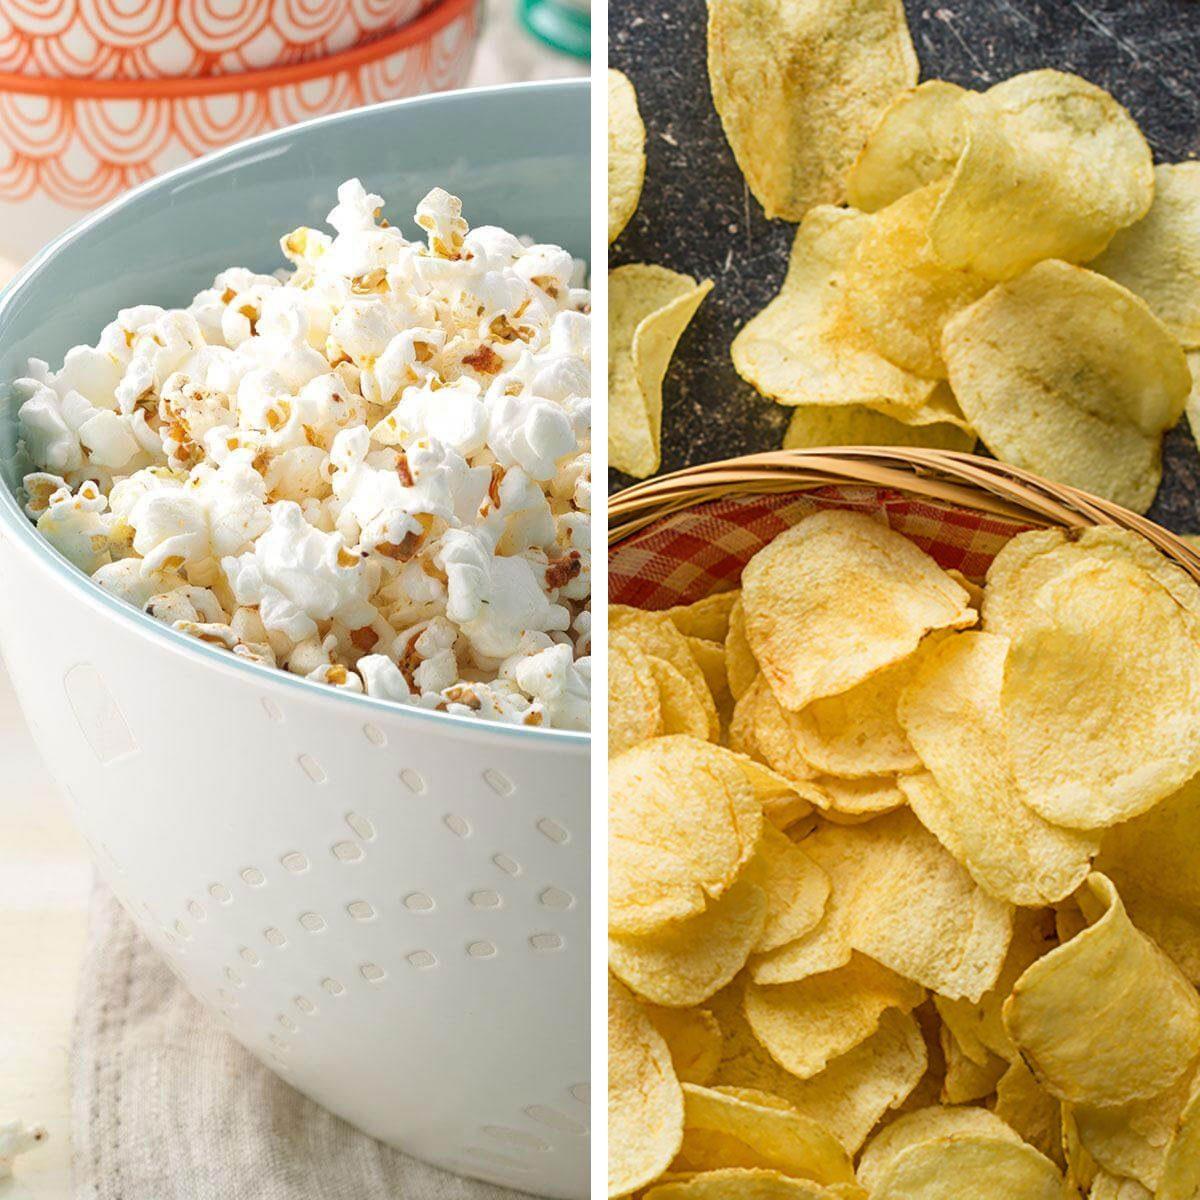 Popcorn vs potato chips